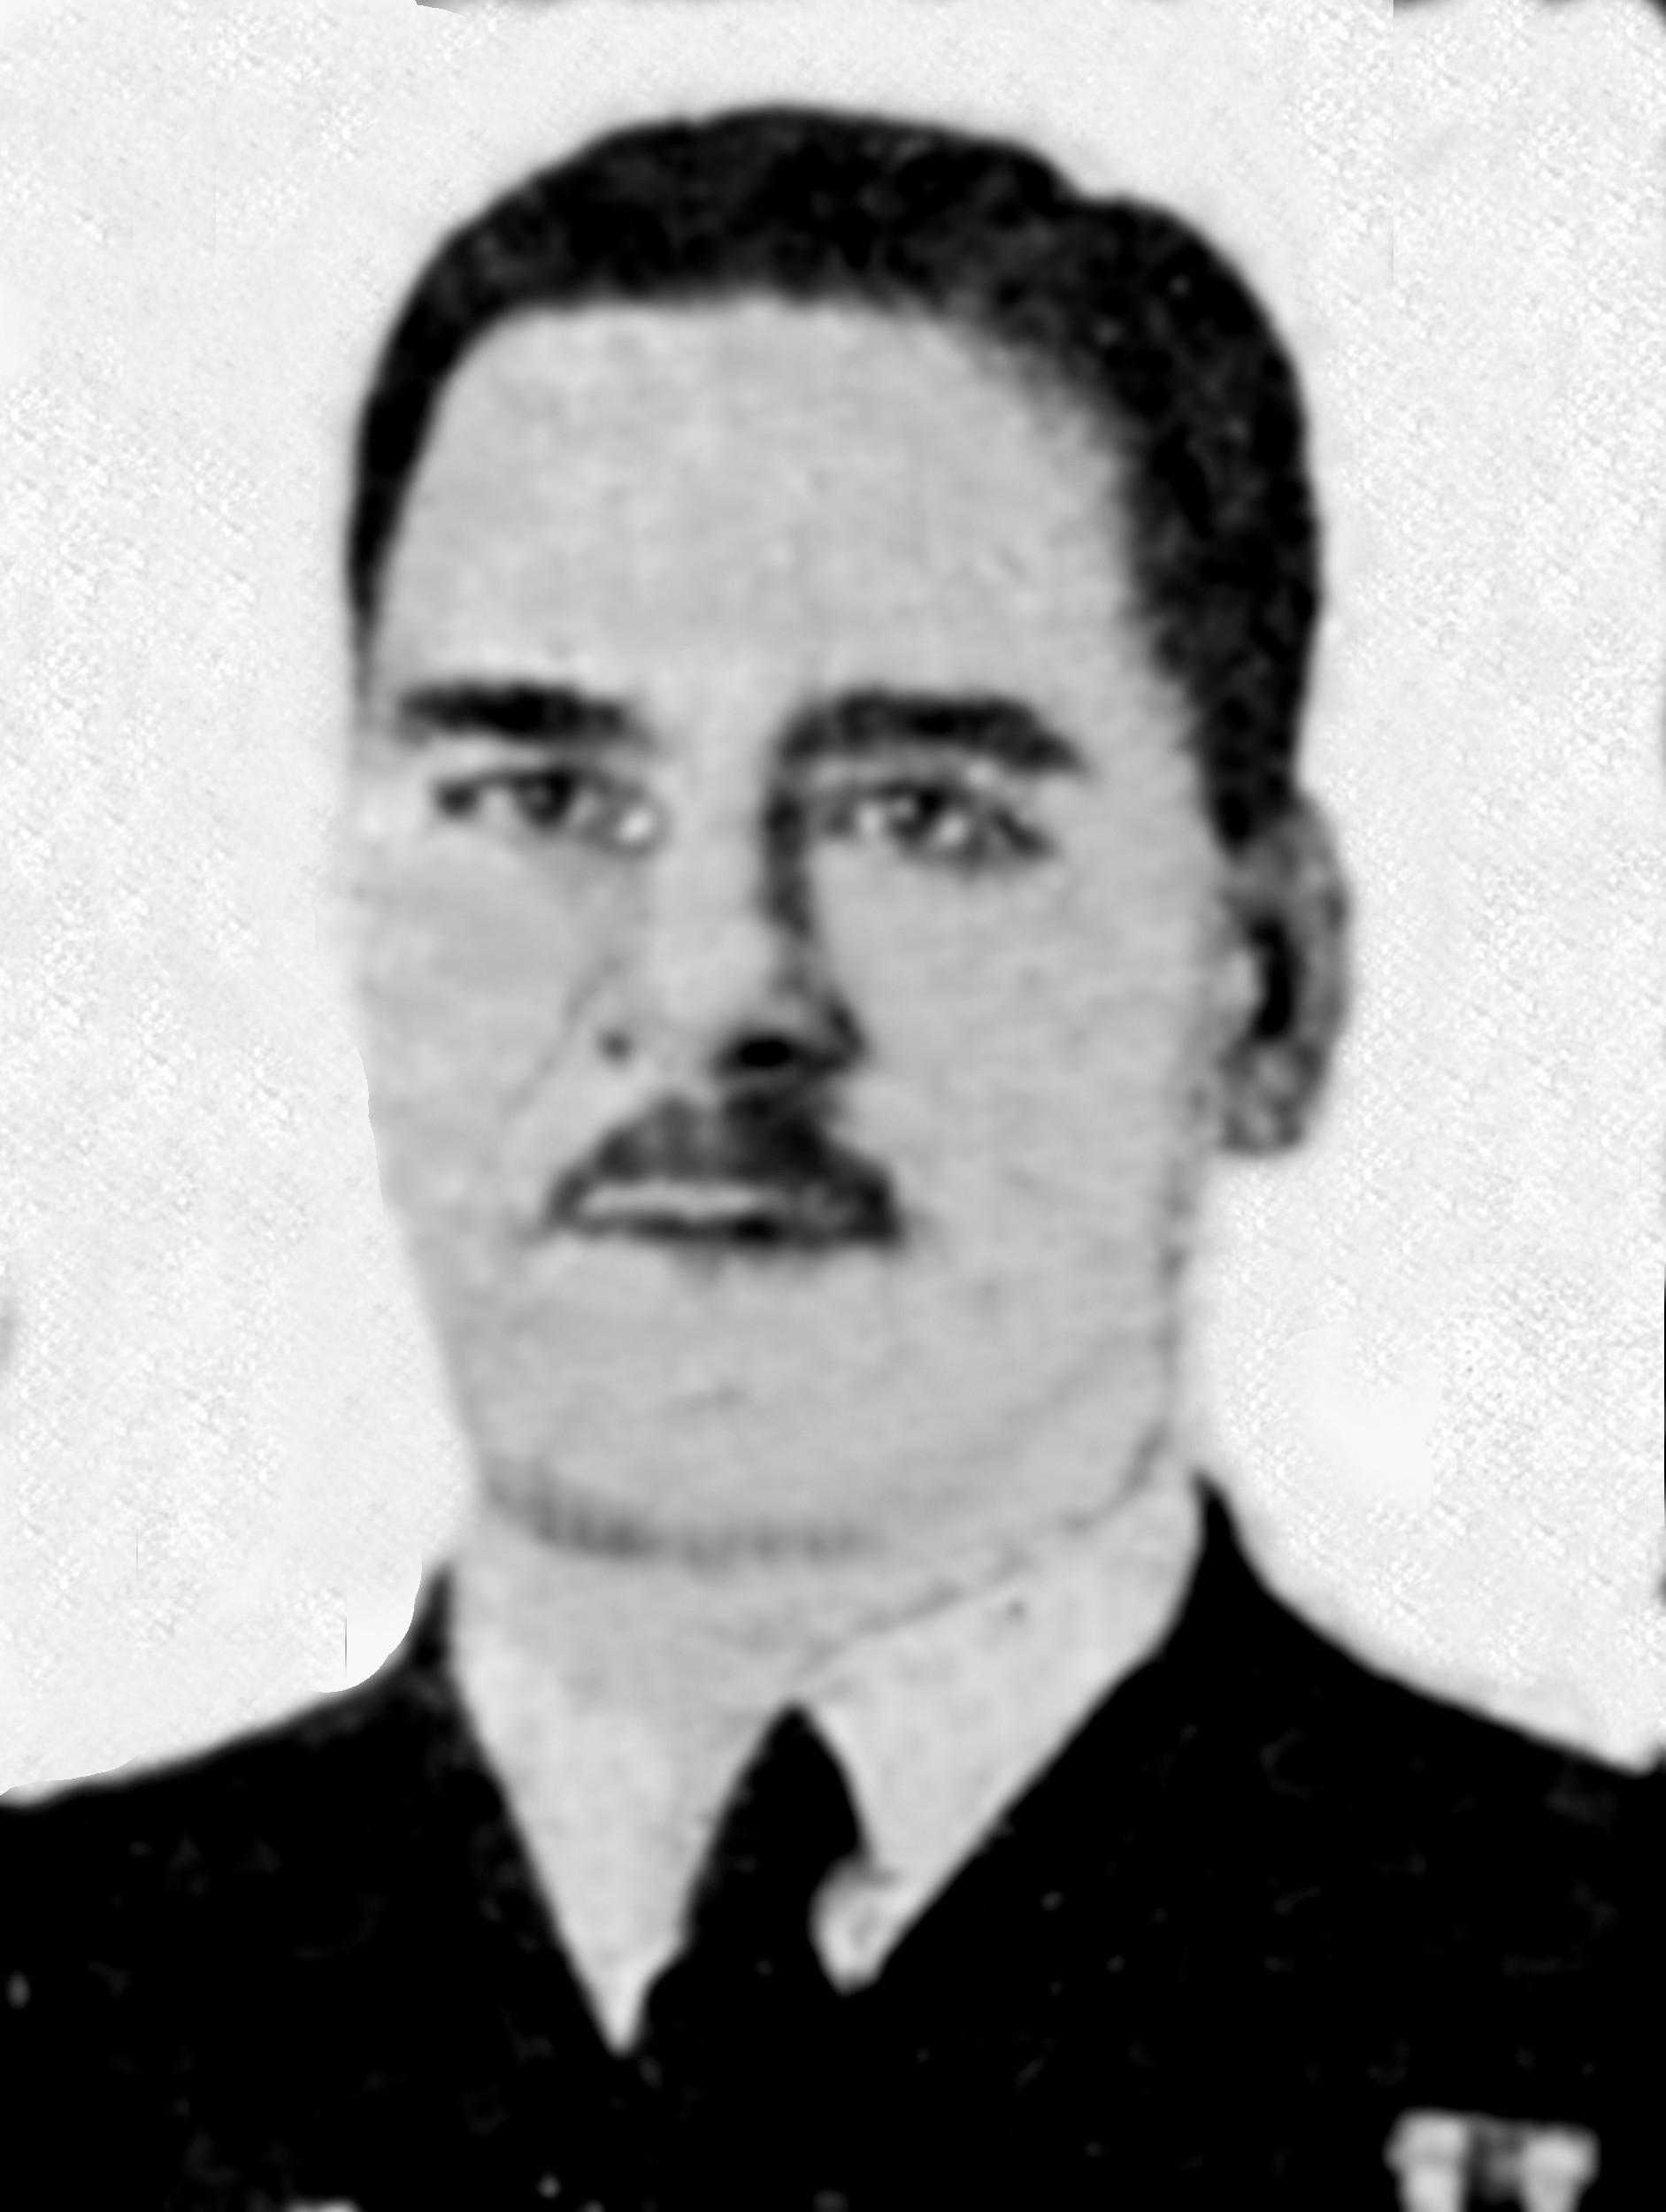 Francisco Regalado Rodríguez